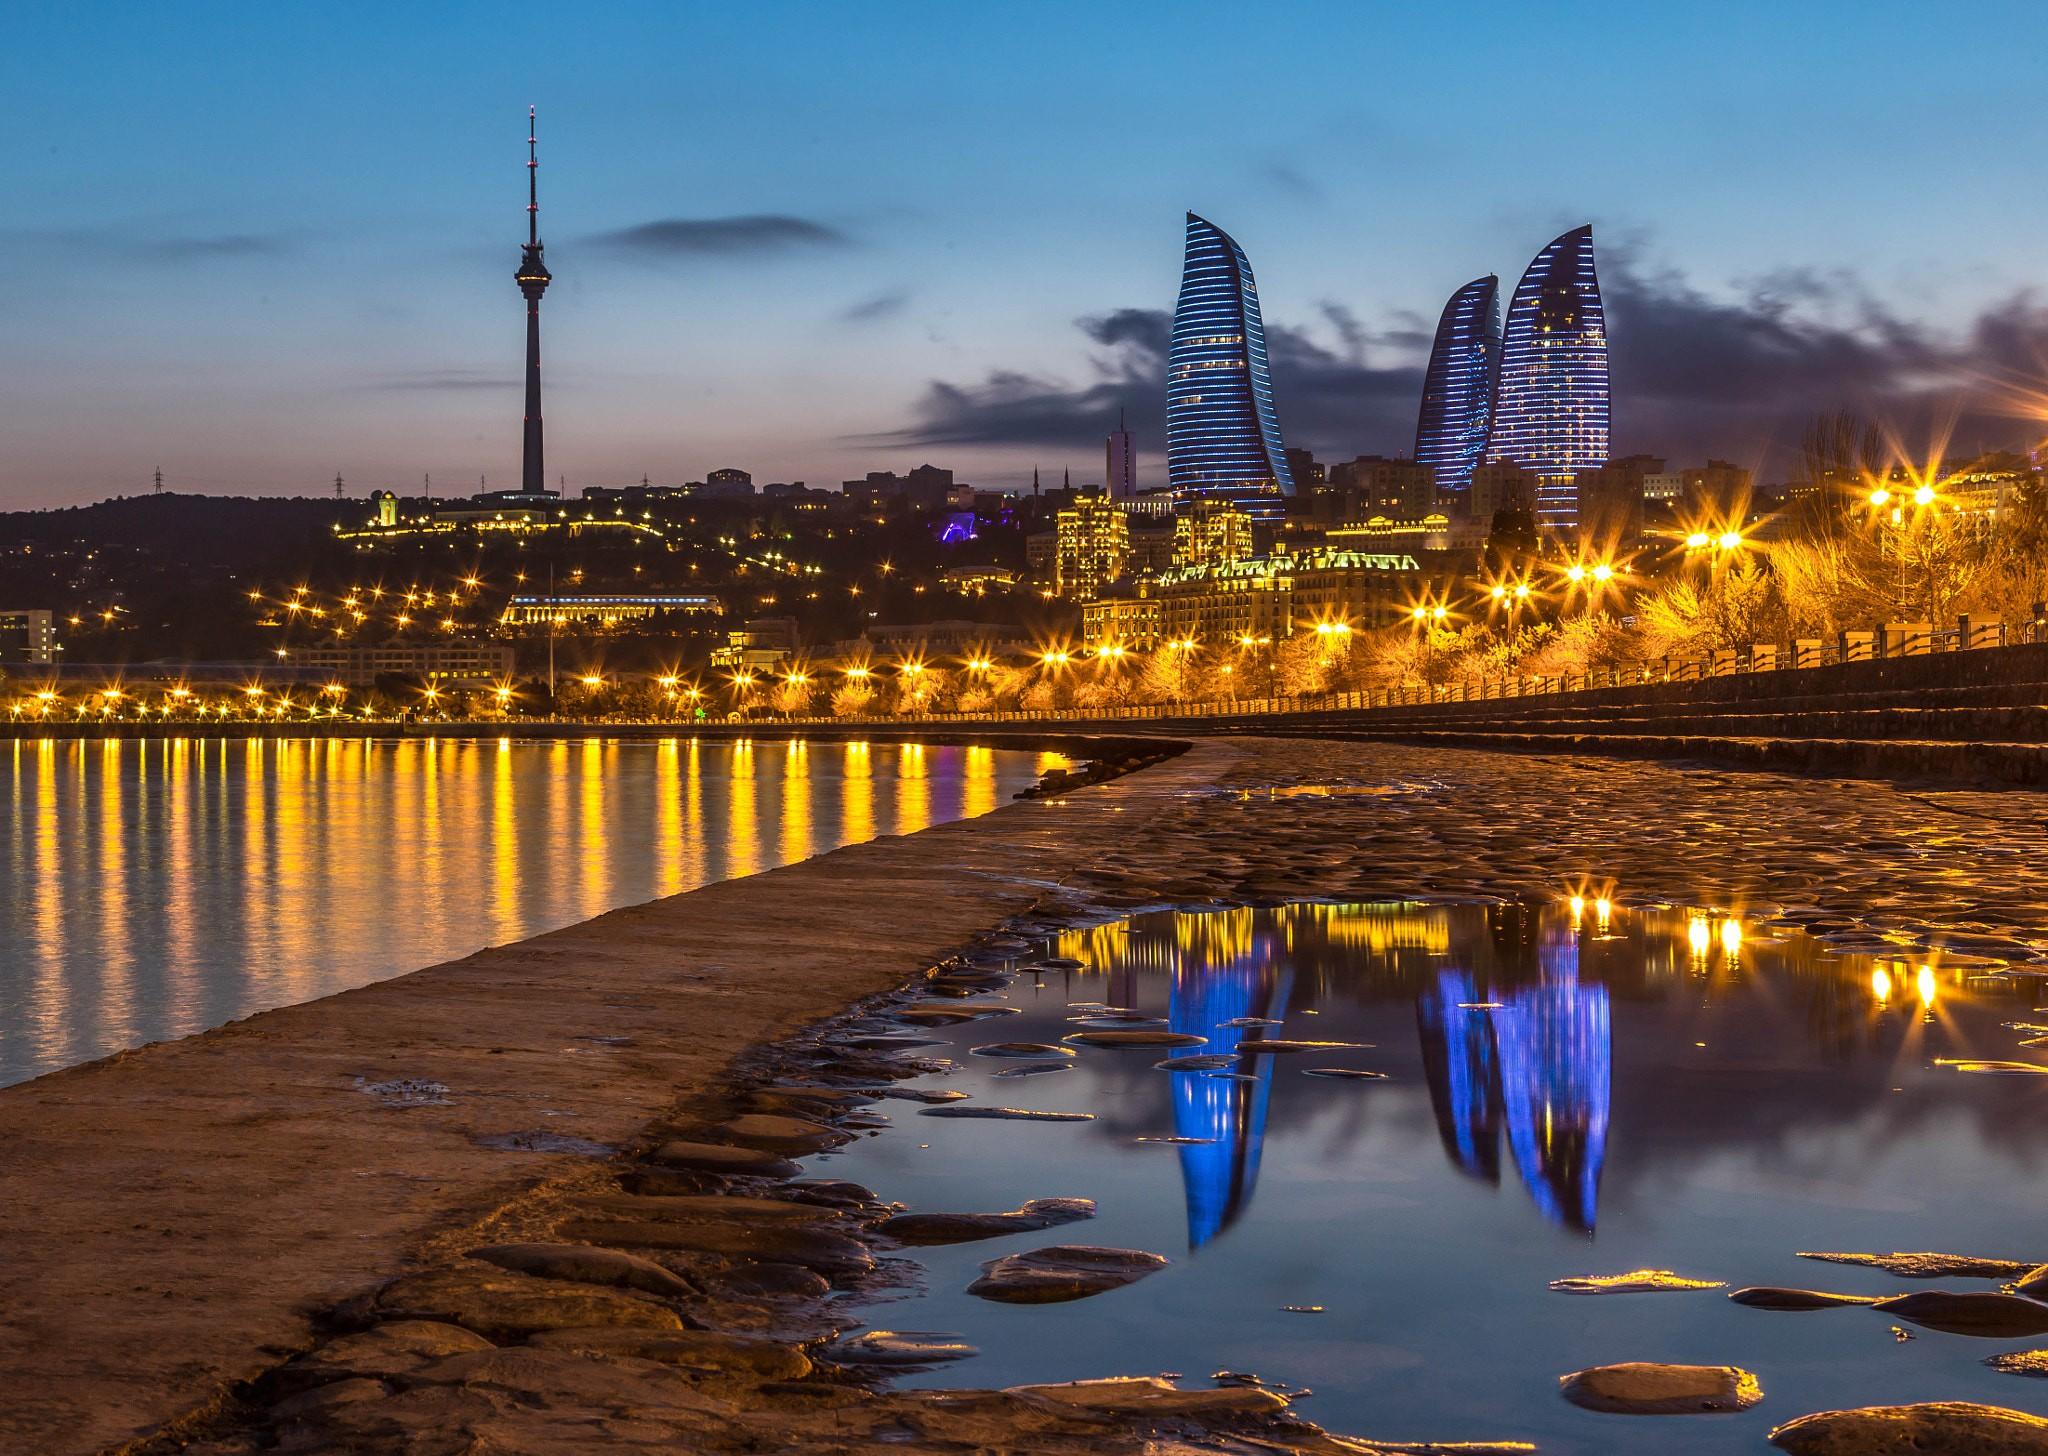 Азербайджан вошел в тройку лучших стран СНГ для экскурсионного отдыха